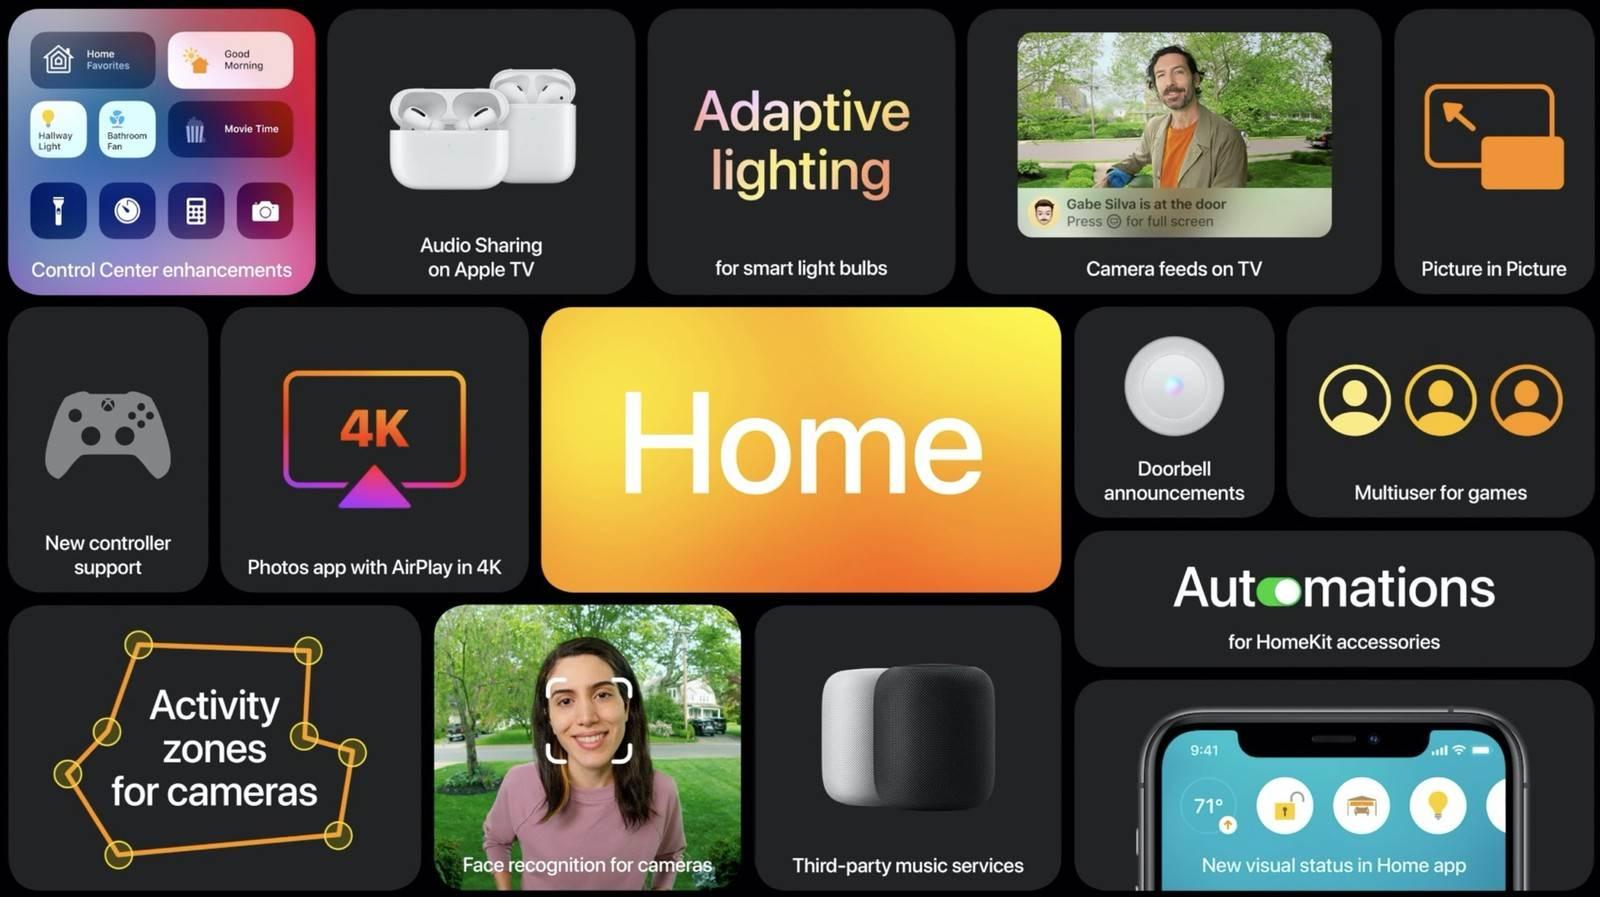 HomePodOS 14 otrzyma obsługę zewnętrznych serwisów muzycznych polecane, ciekawostki   Tydzień temu podczas WWDC 2020, Apple wspomniało, że HomePod otrzyma wsparcie zewnętrznych serwisów muzycznych. Warto o tym wspomnieć. HomePodOS